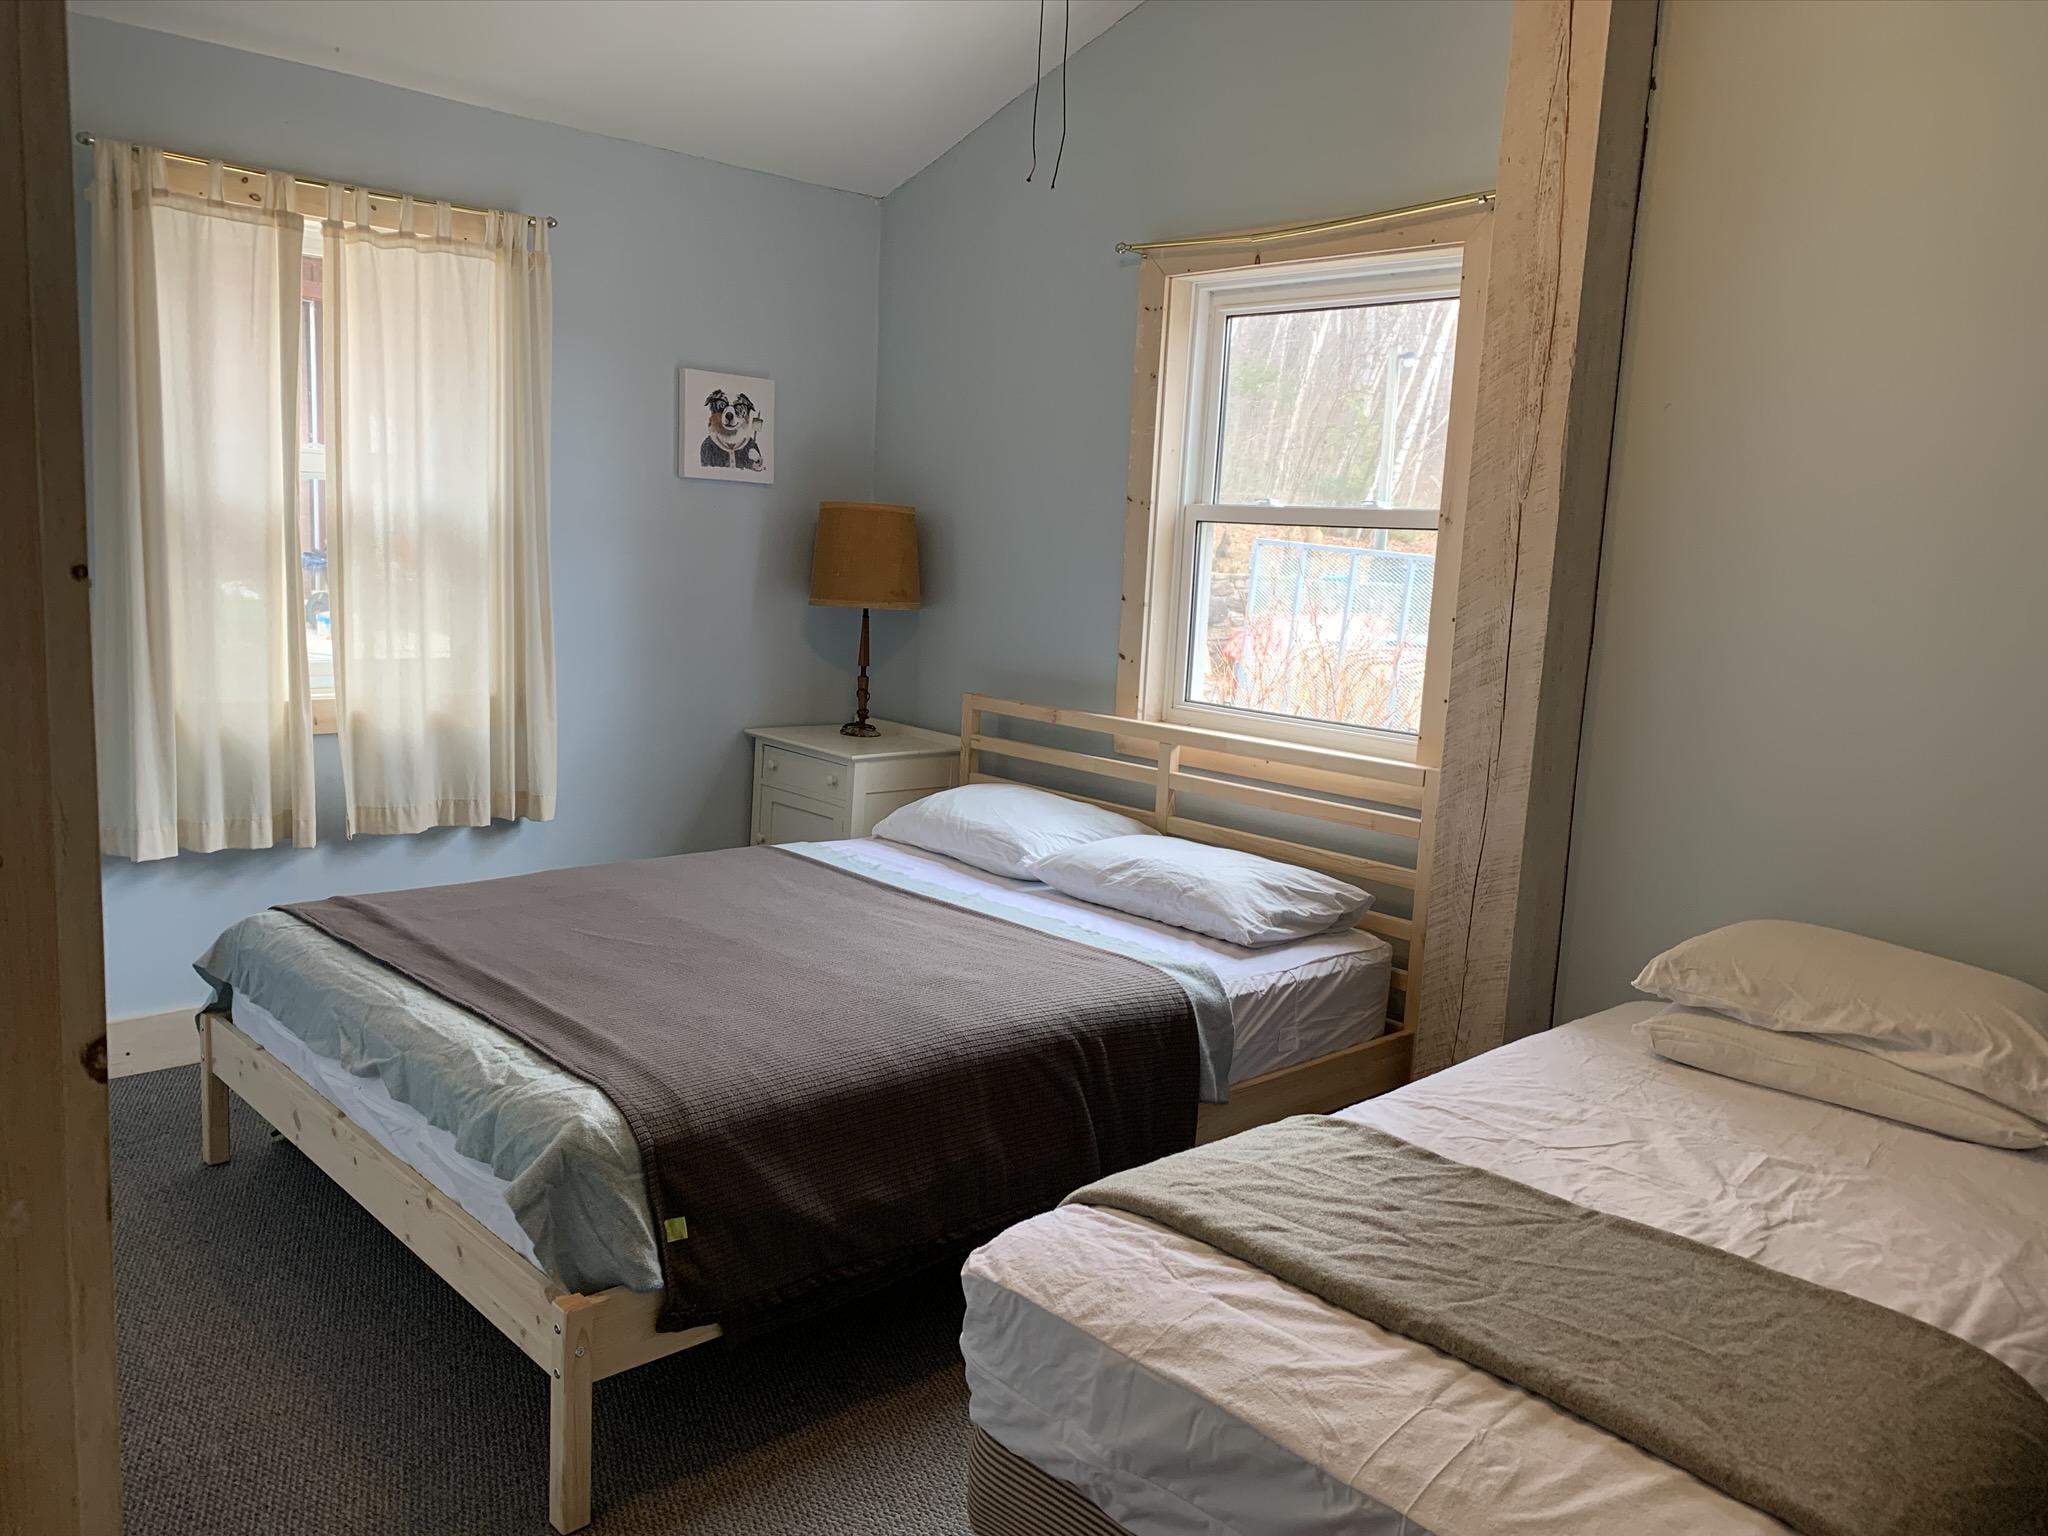 2 Bedroom - 15